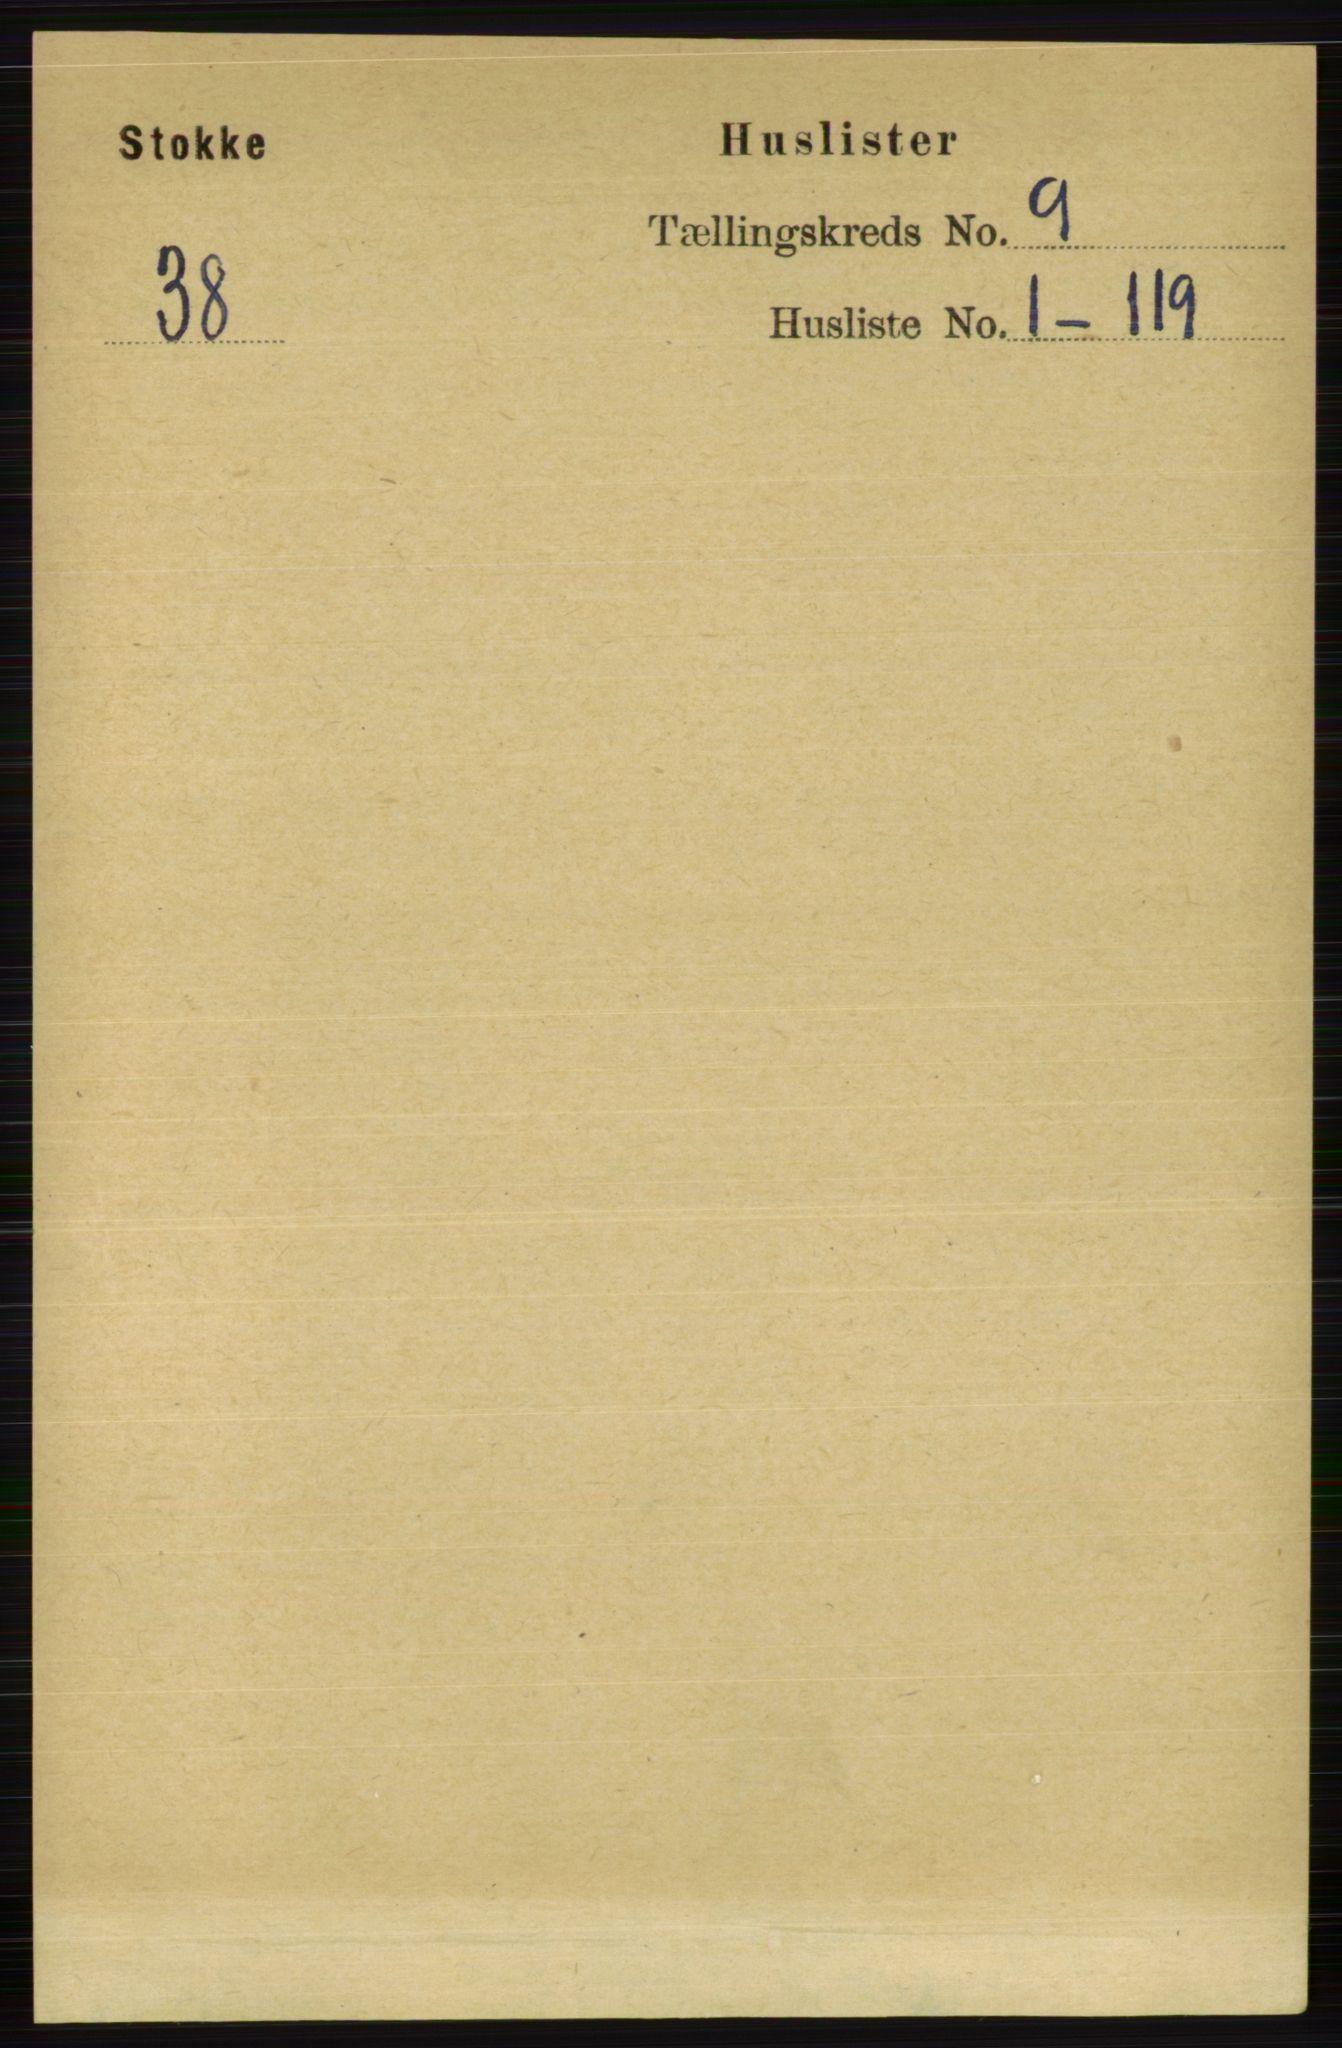 RA, Folketelling 1891 for 0720 Stokke herred, 1891, s. 5775